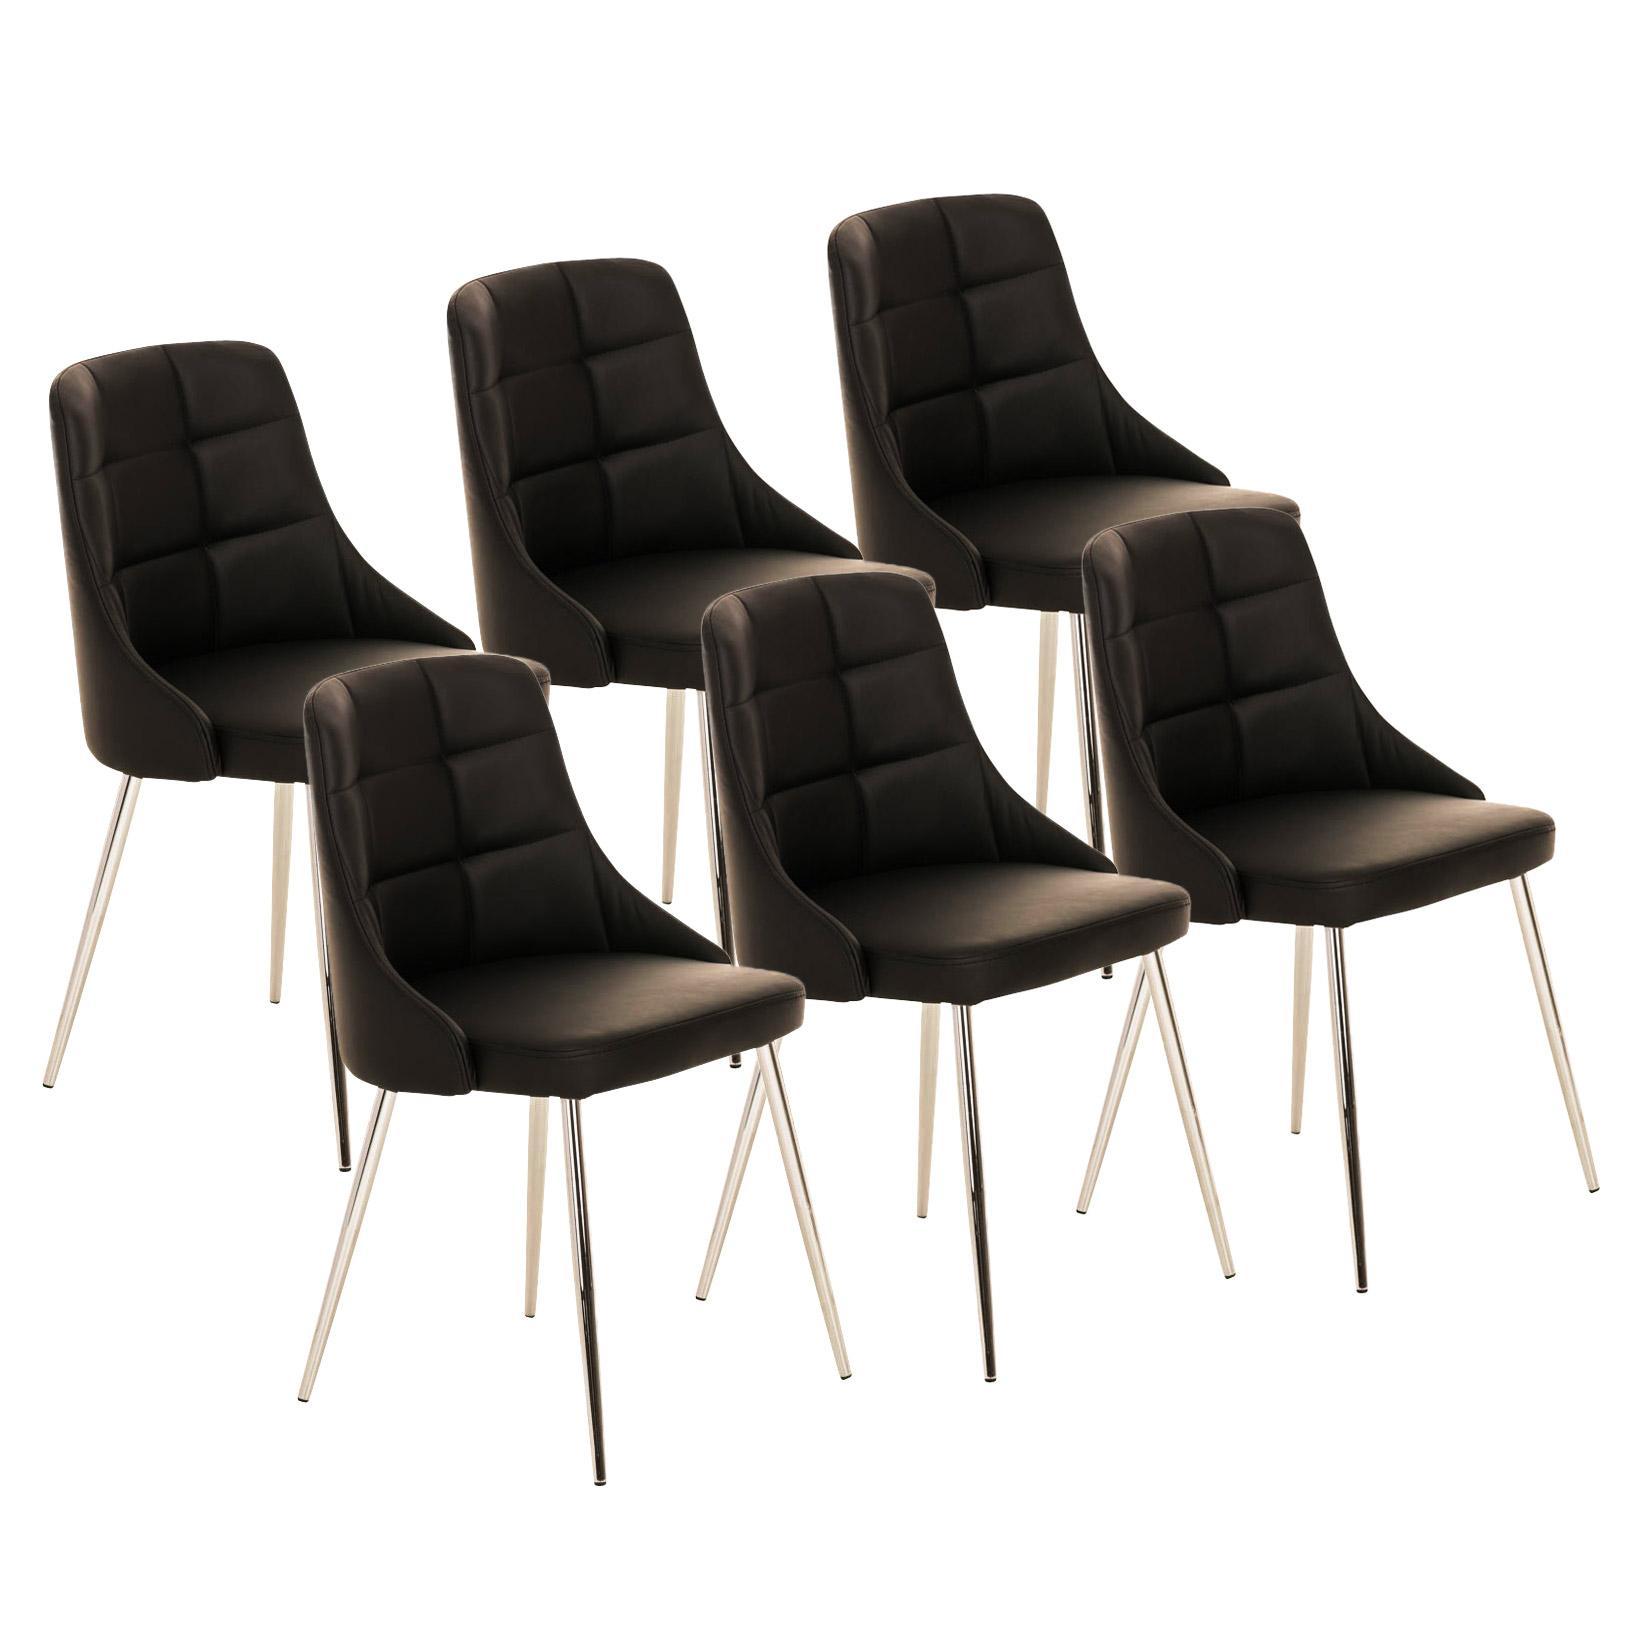 Lote 6 sillas de comedor o cocina harrison en piel negro for Sillas comedor patas metalicas